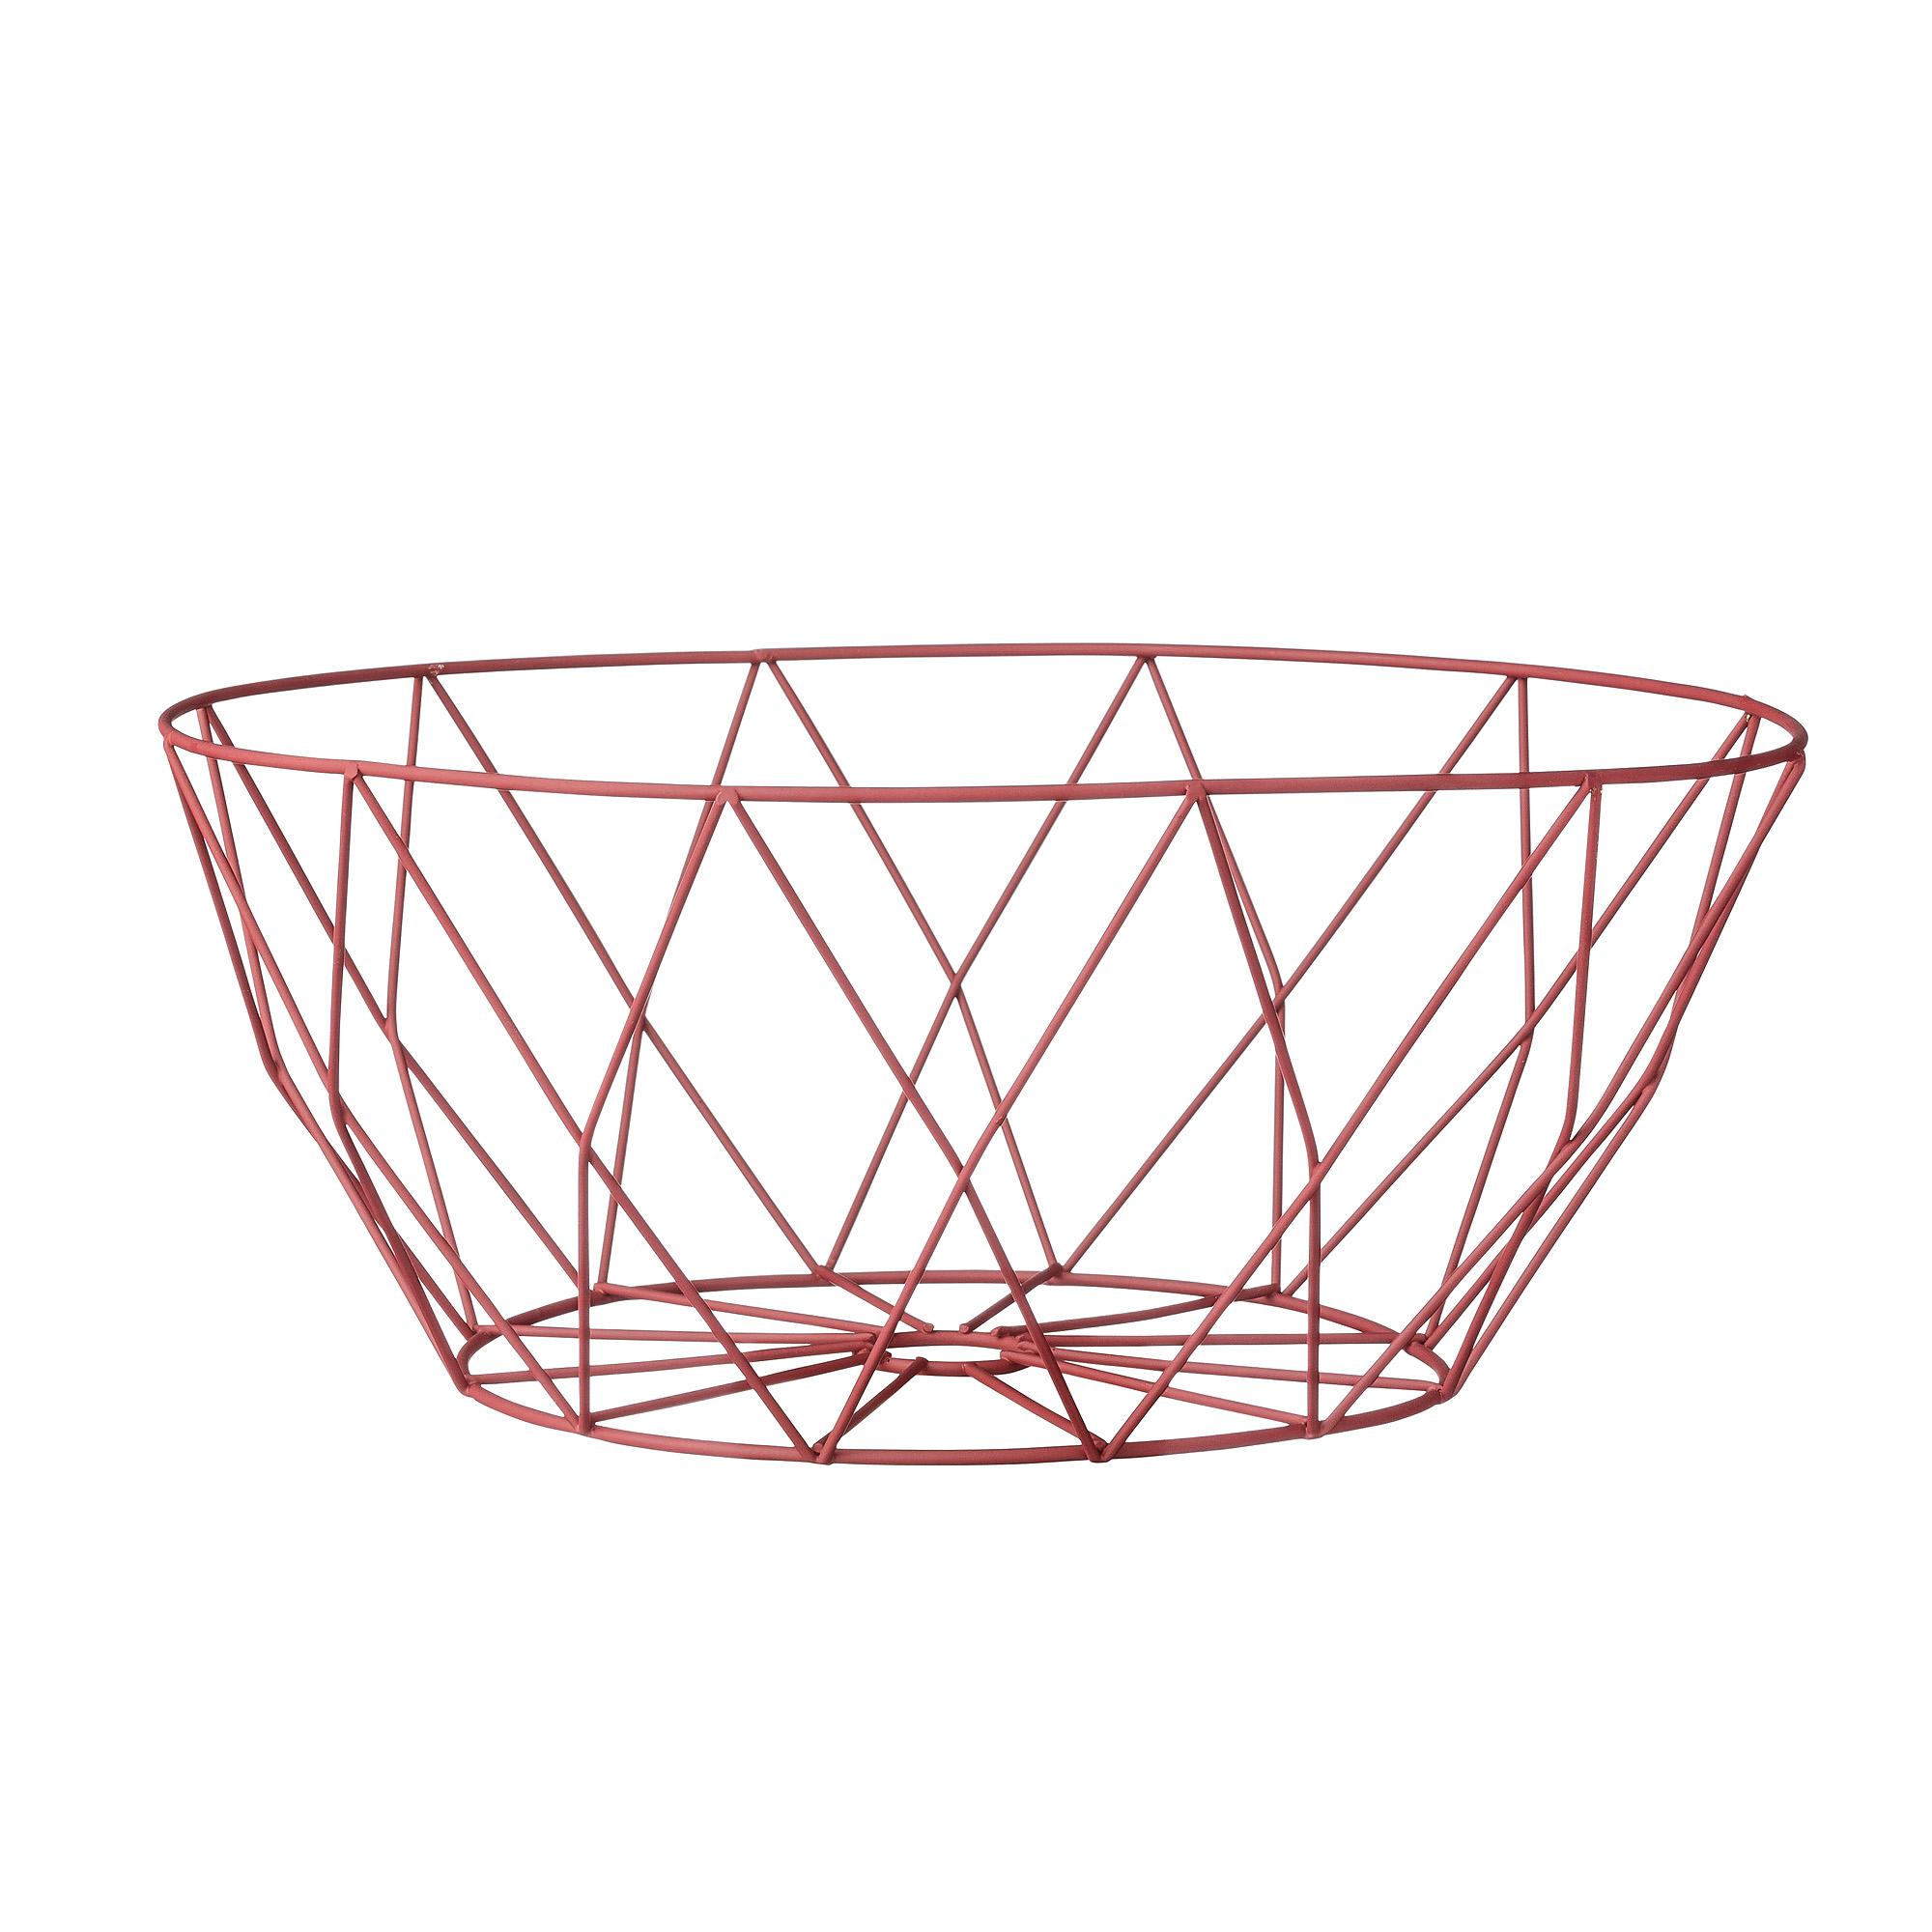 Корзина Red metalКорзины<br>Оригинальная корзина из красных металических прутьев для фруктов или хлебобулочных изделий от датского бренда Bloomingville.<br><br>Material: Металл